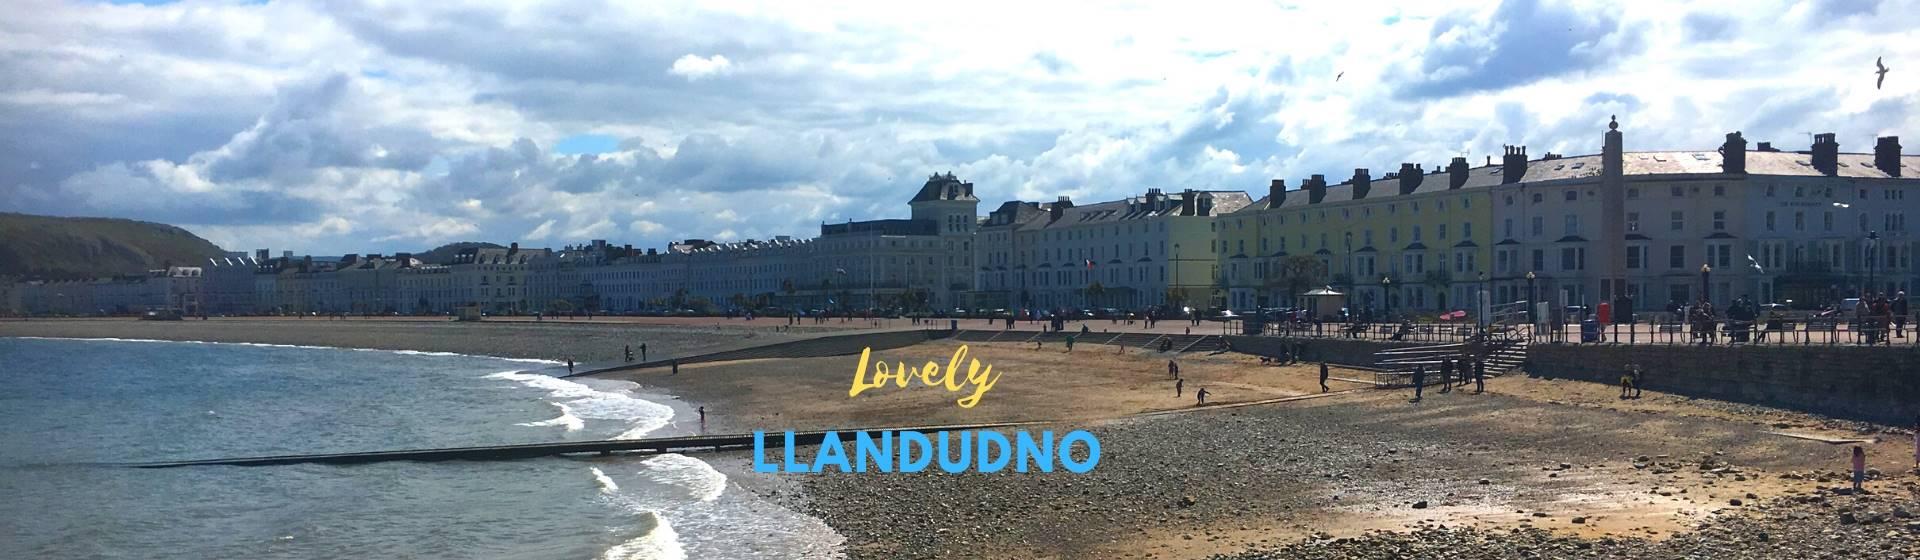 Lovely Llandudno